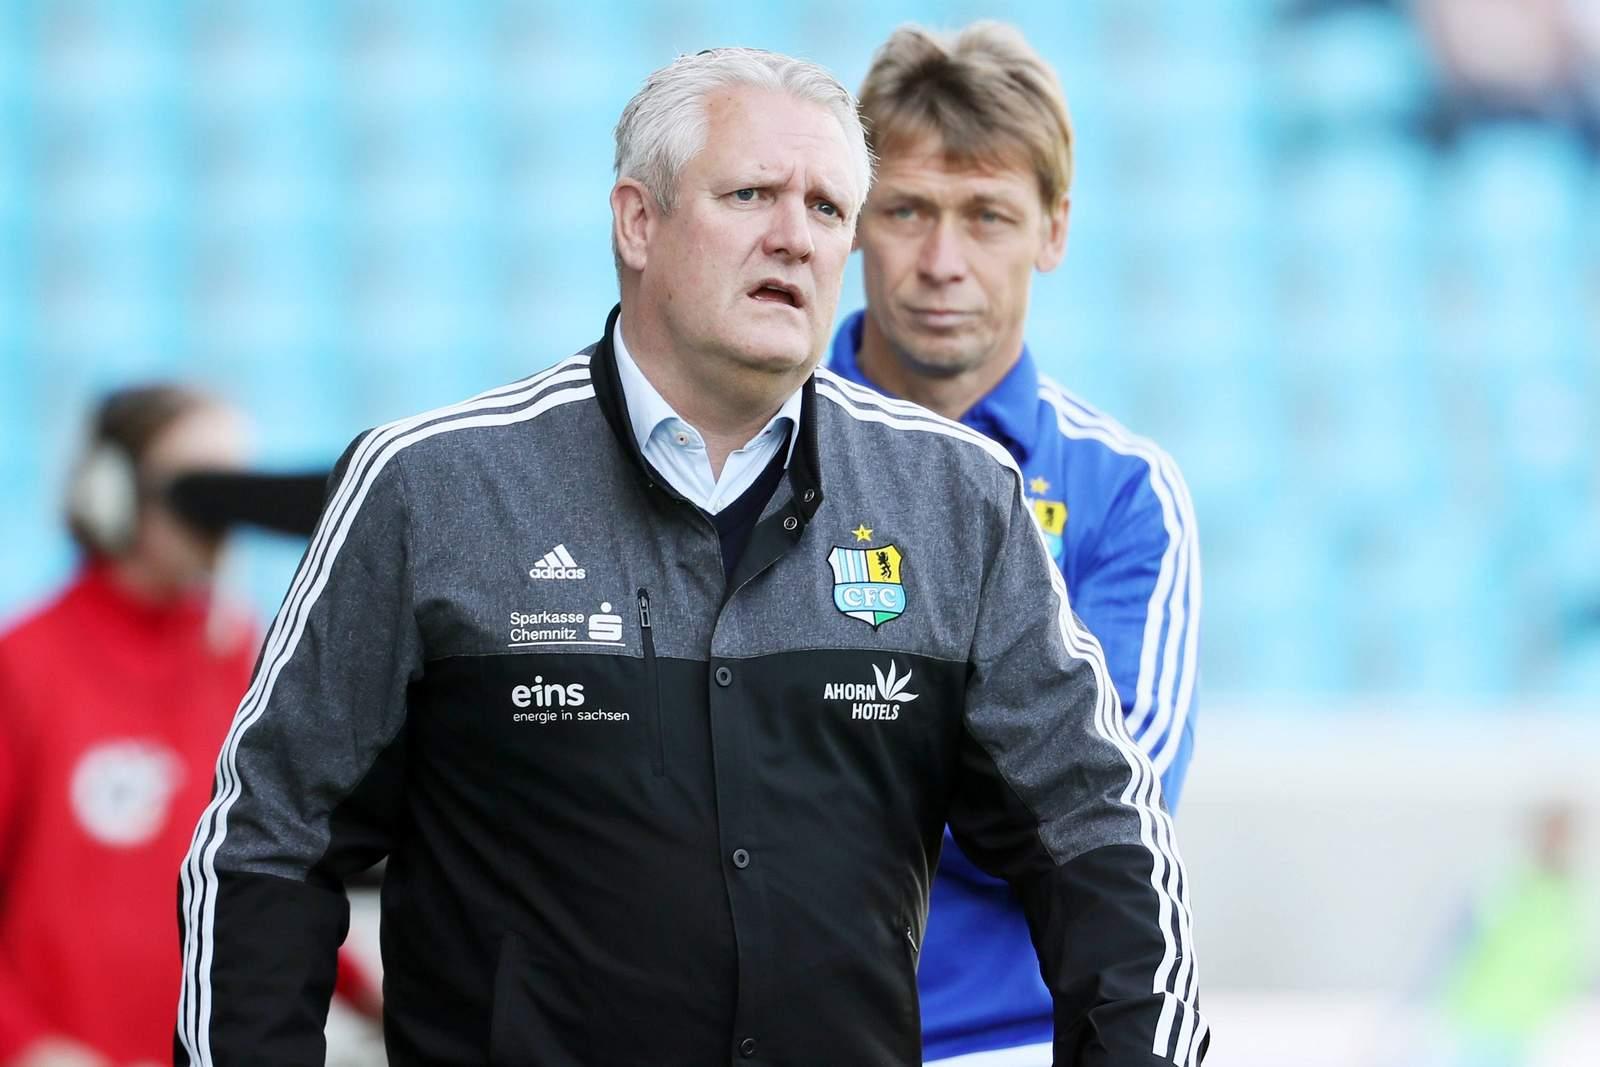 Stephan Beutel und Sven Köhler wollen mit Chemnitz aufsteigen.